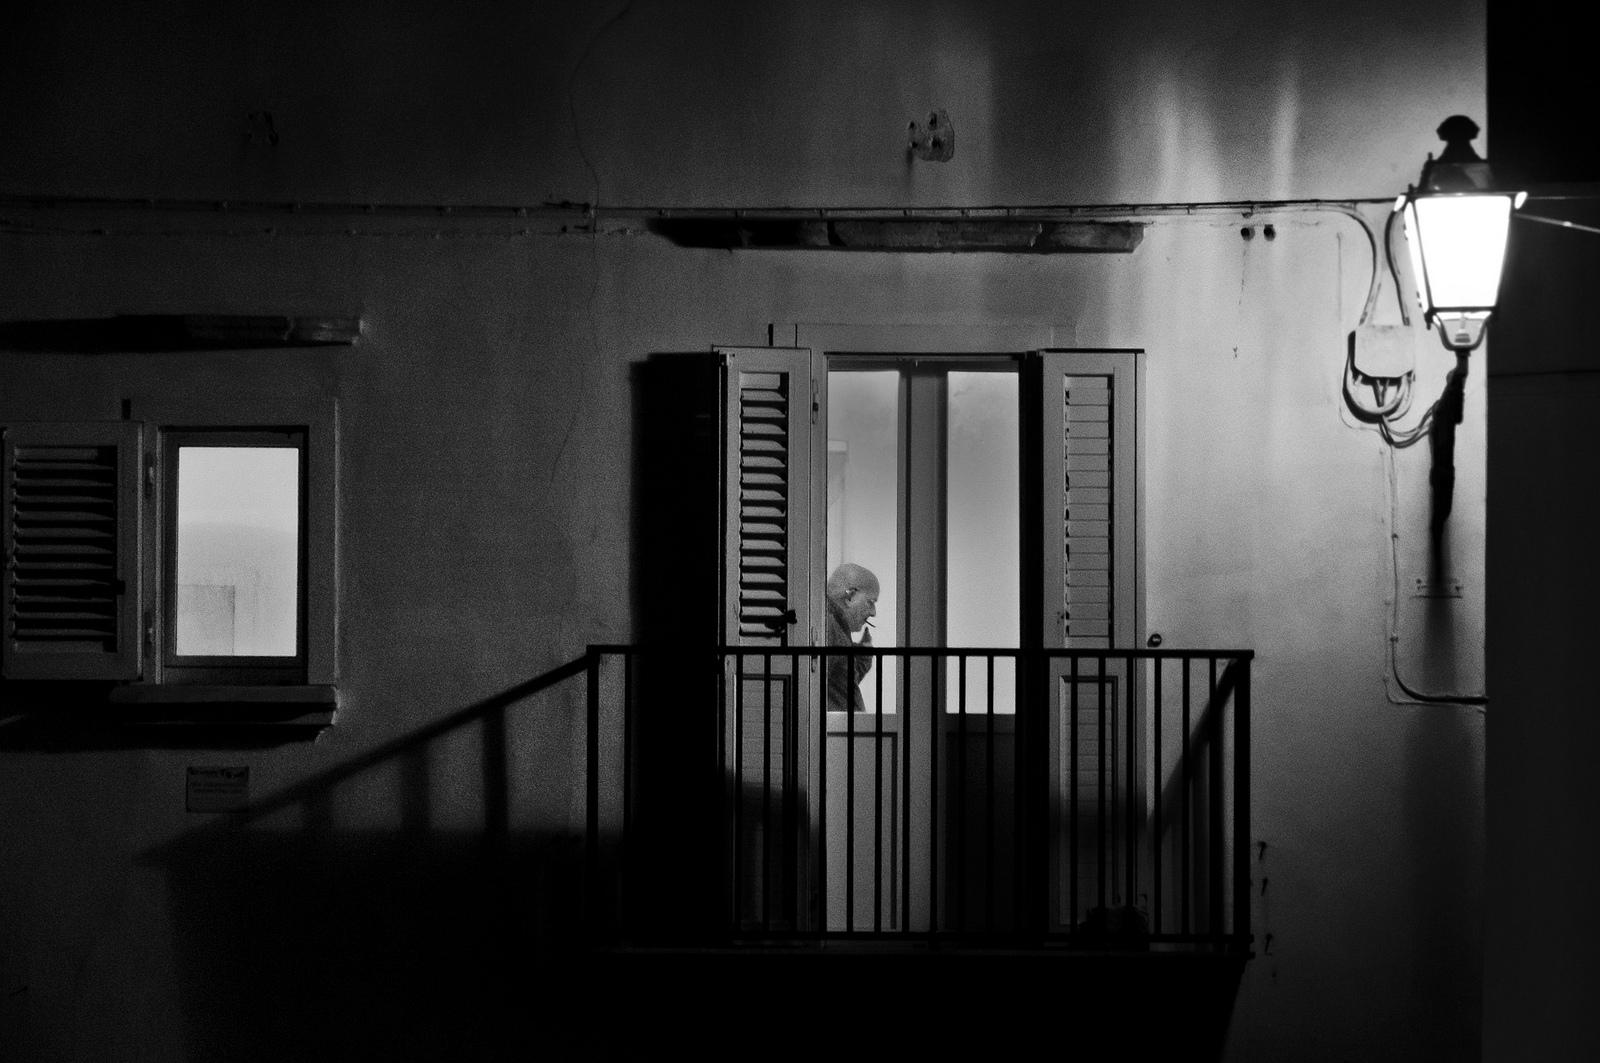 Casa dolce casa sprea fotografia for Casa dolce